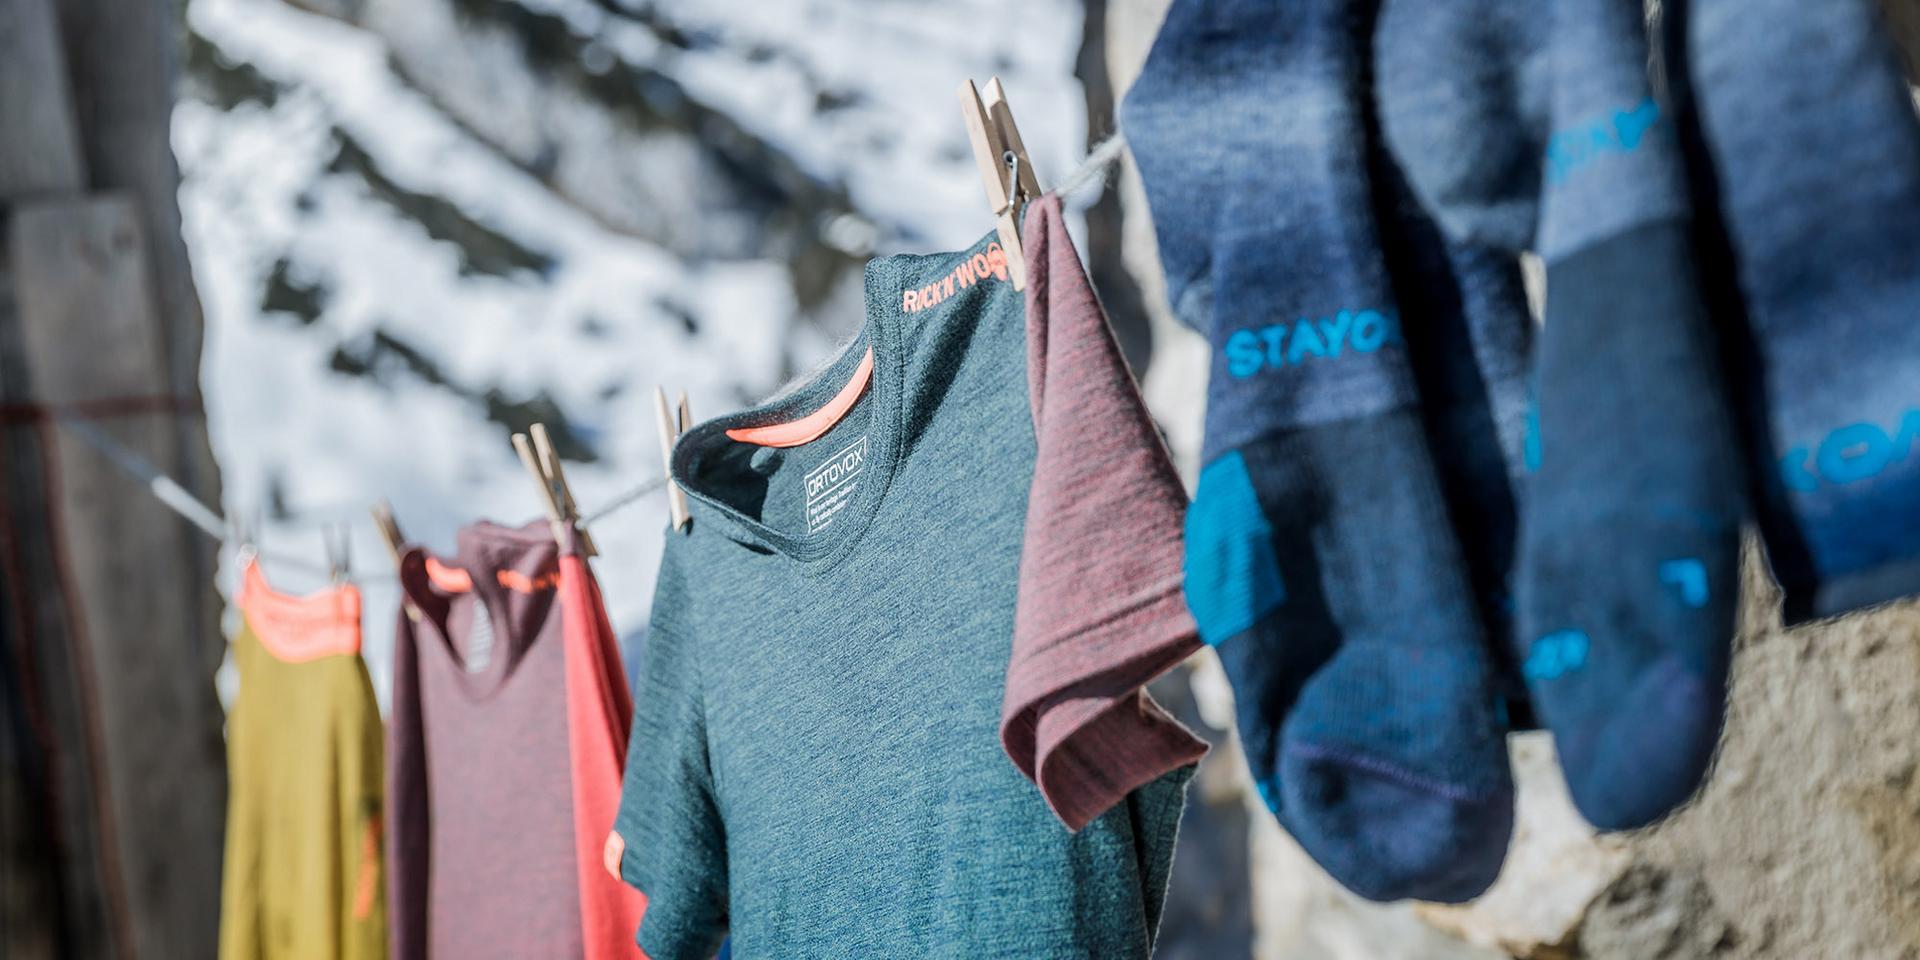 Verschiedene Funktionsunterwäsche hängt auf einer Wäscheleine.